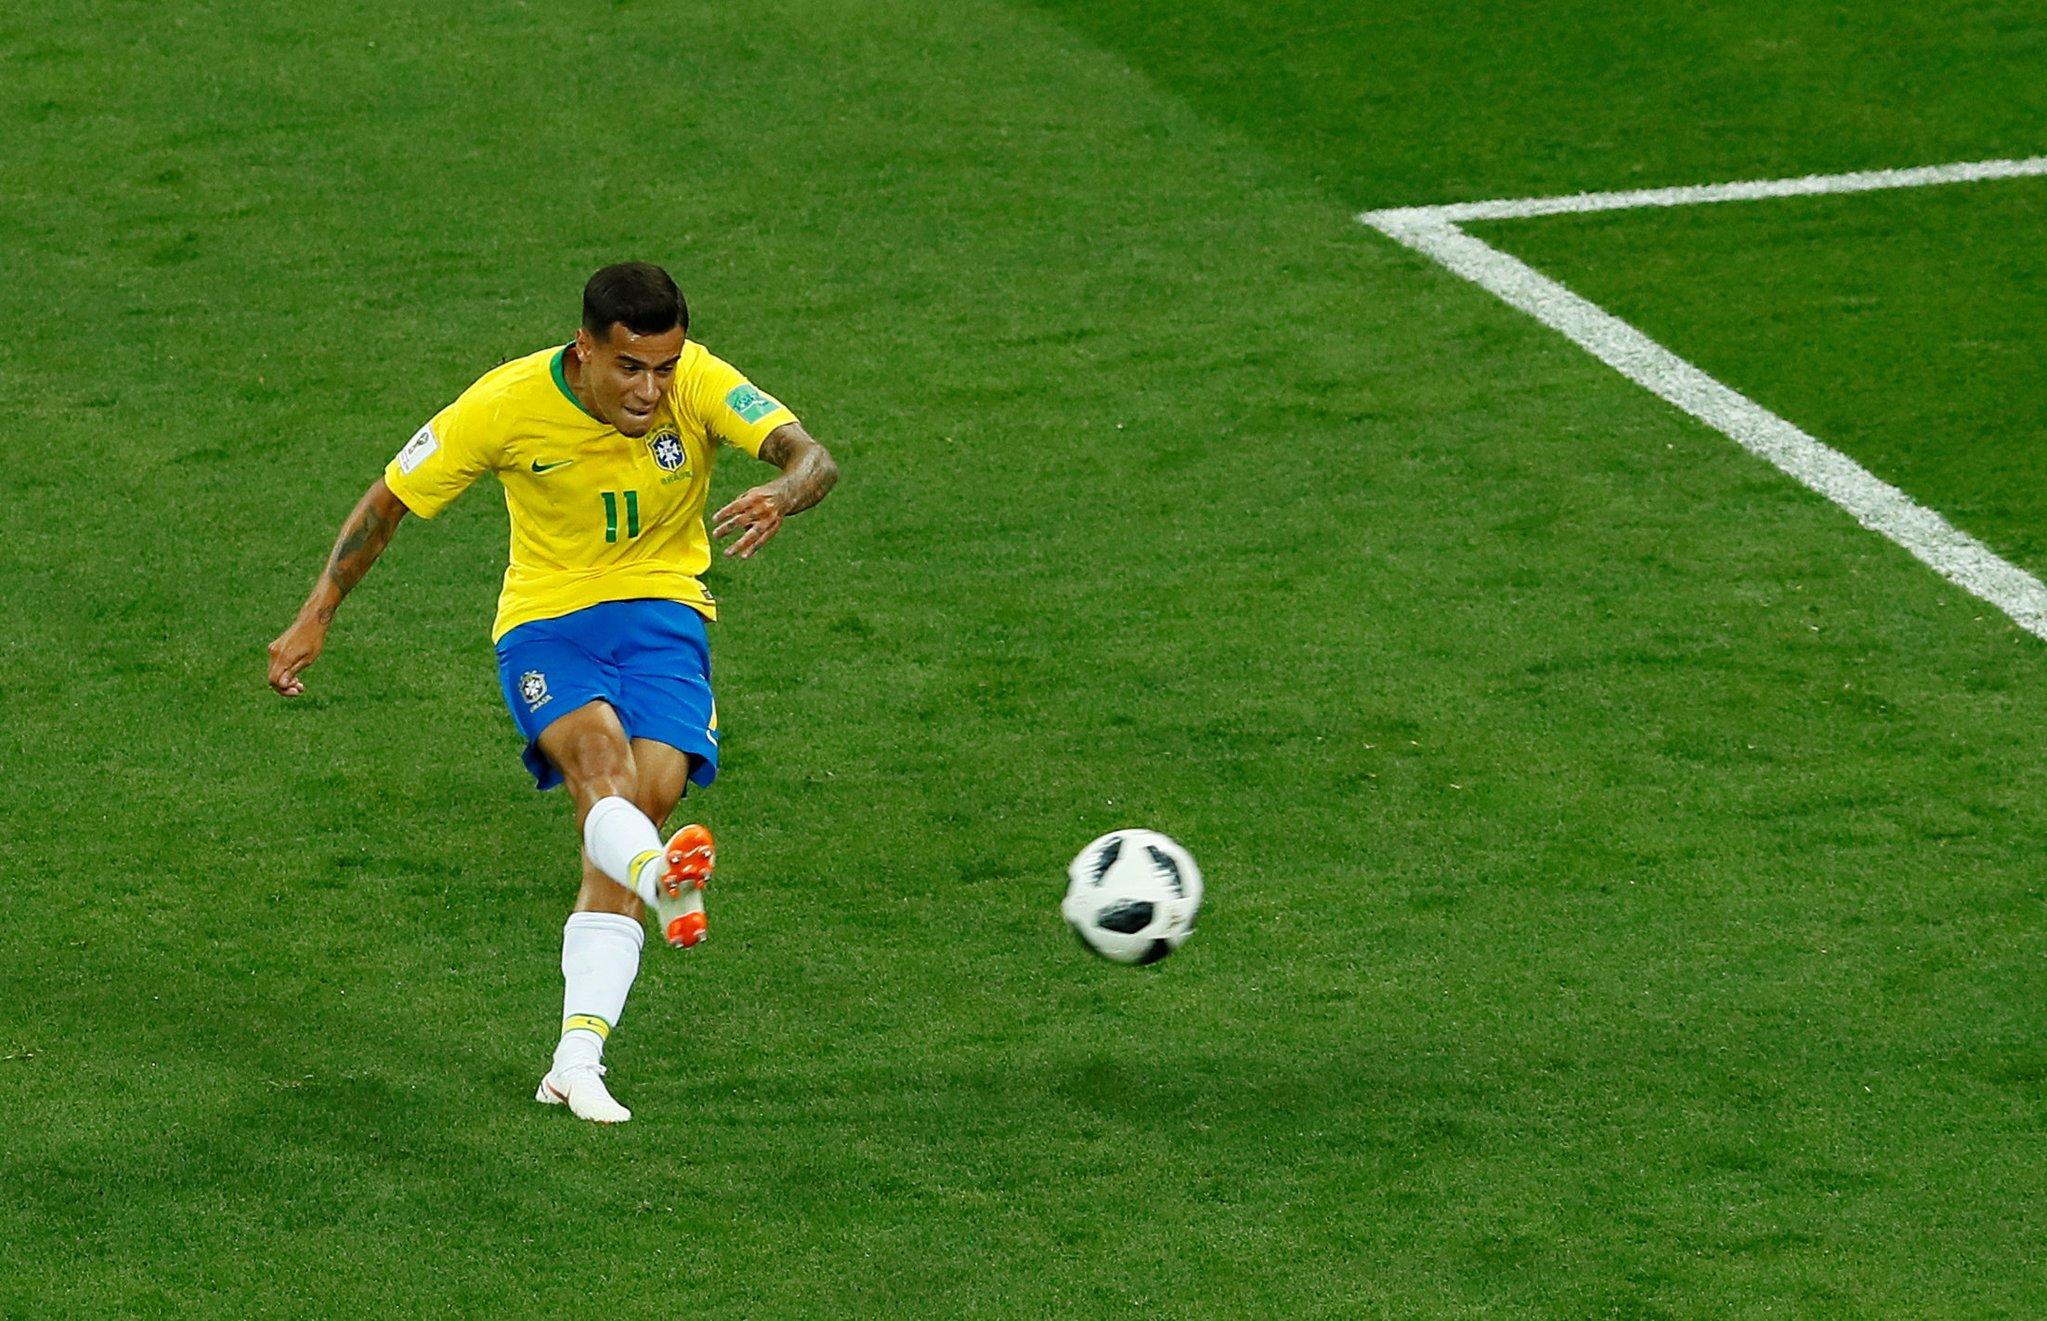 هدف البرازيل الأول في شباك سويسرا